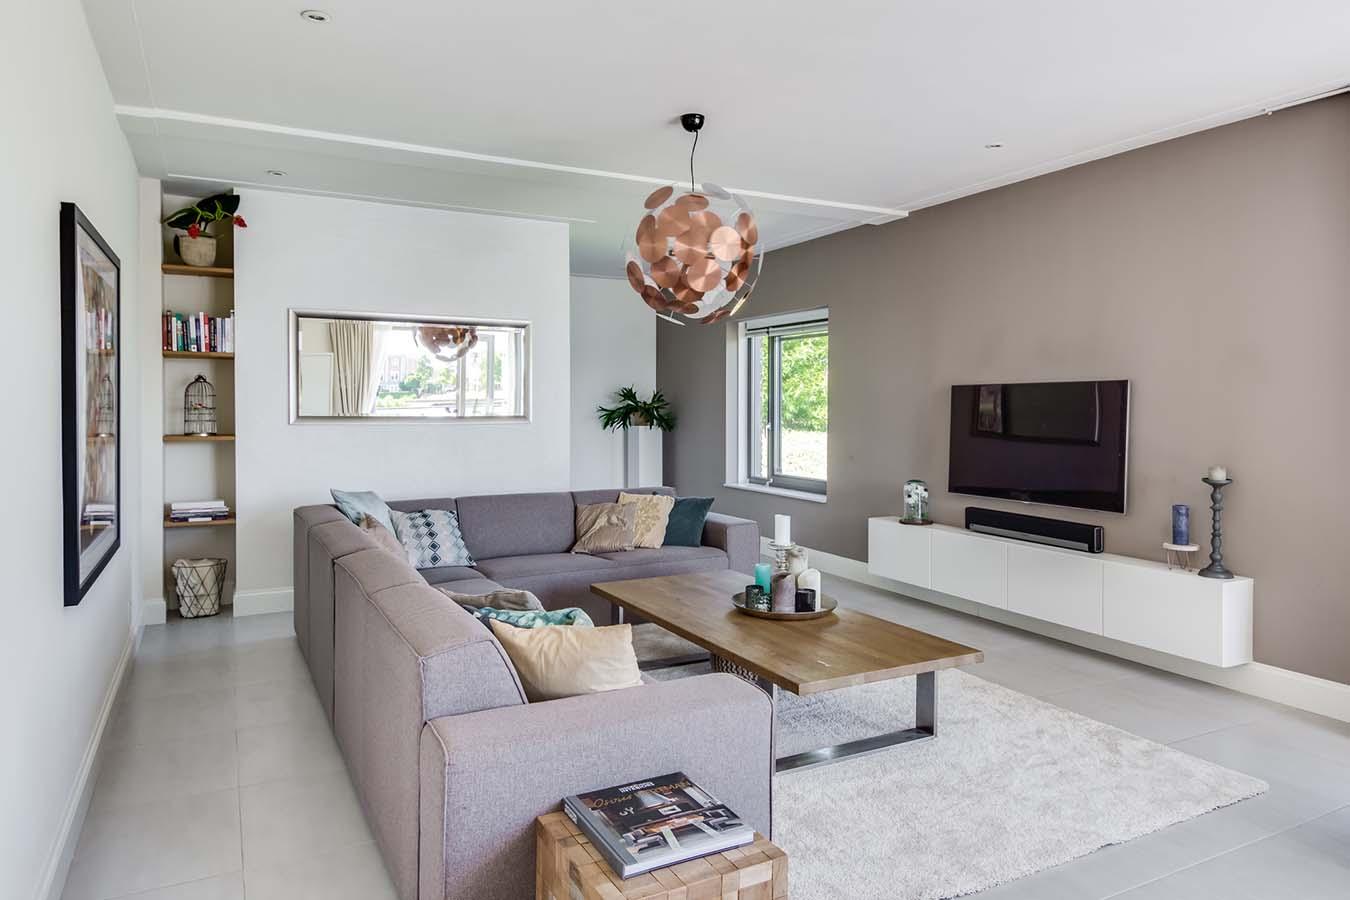 strakke woonkamer met een grote televisie